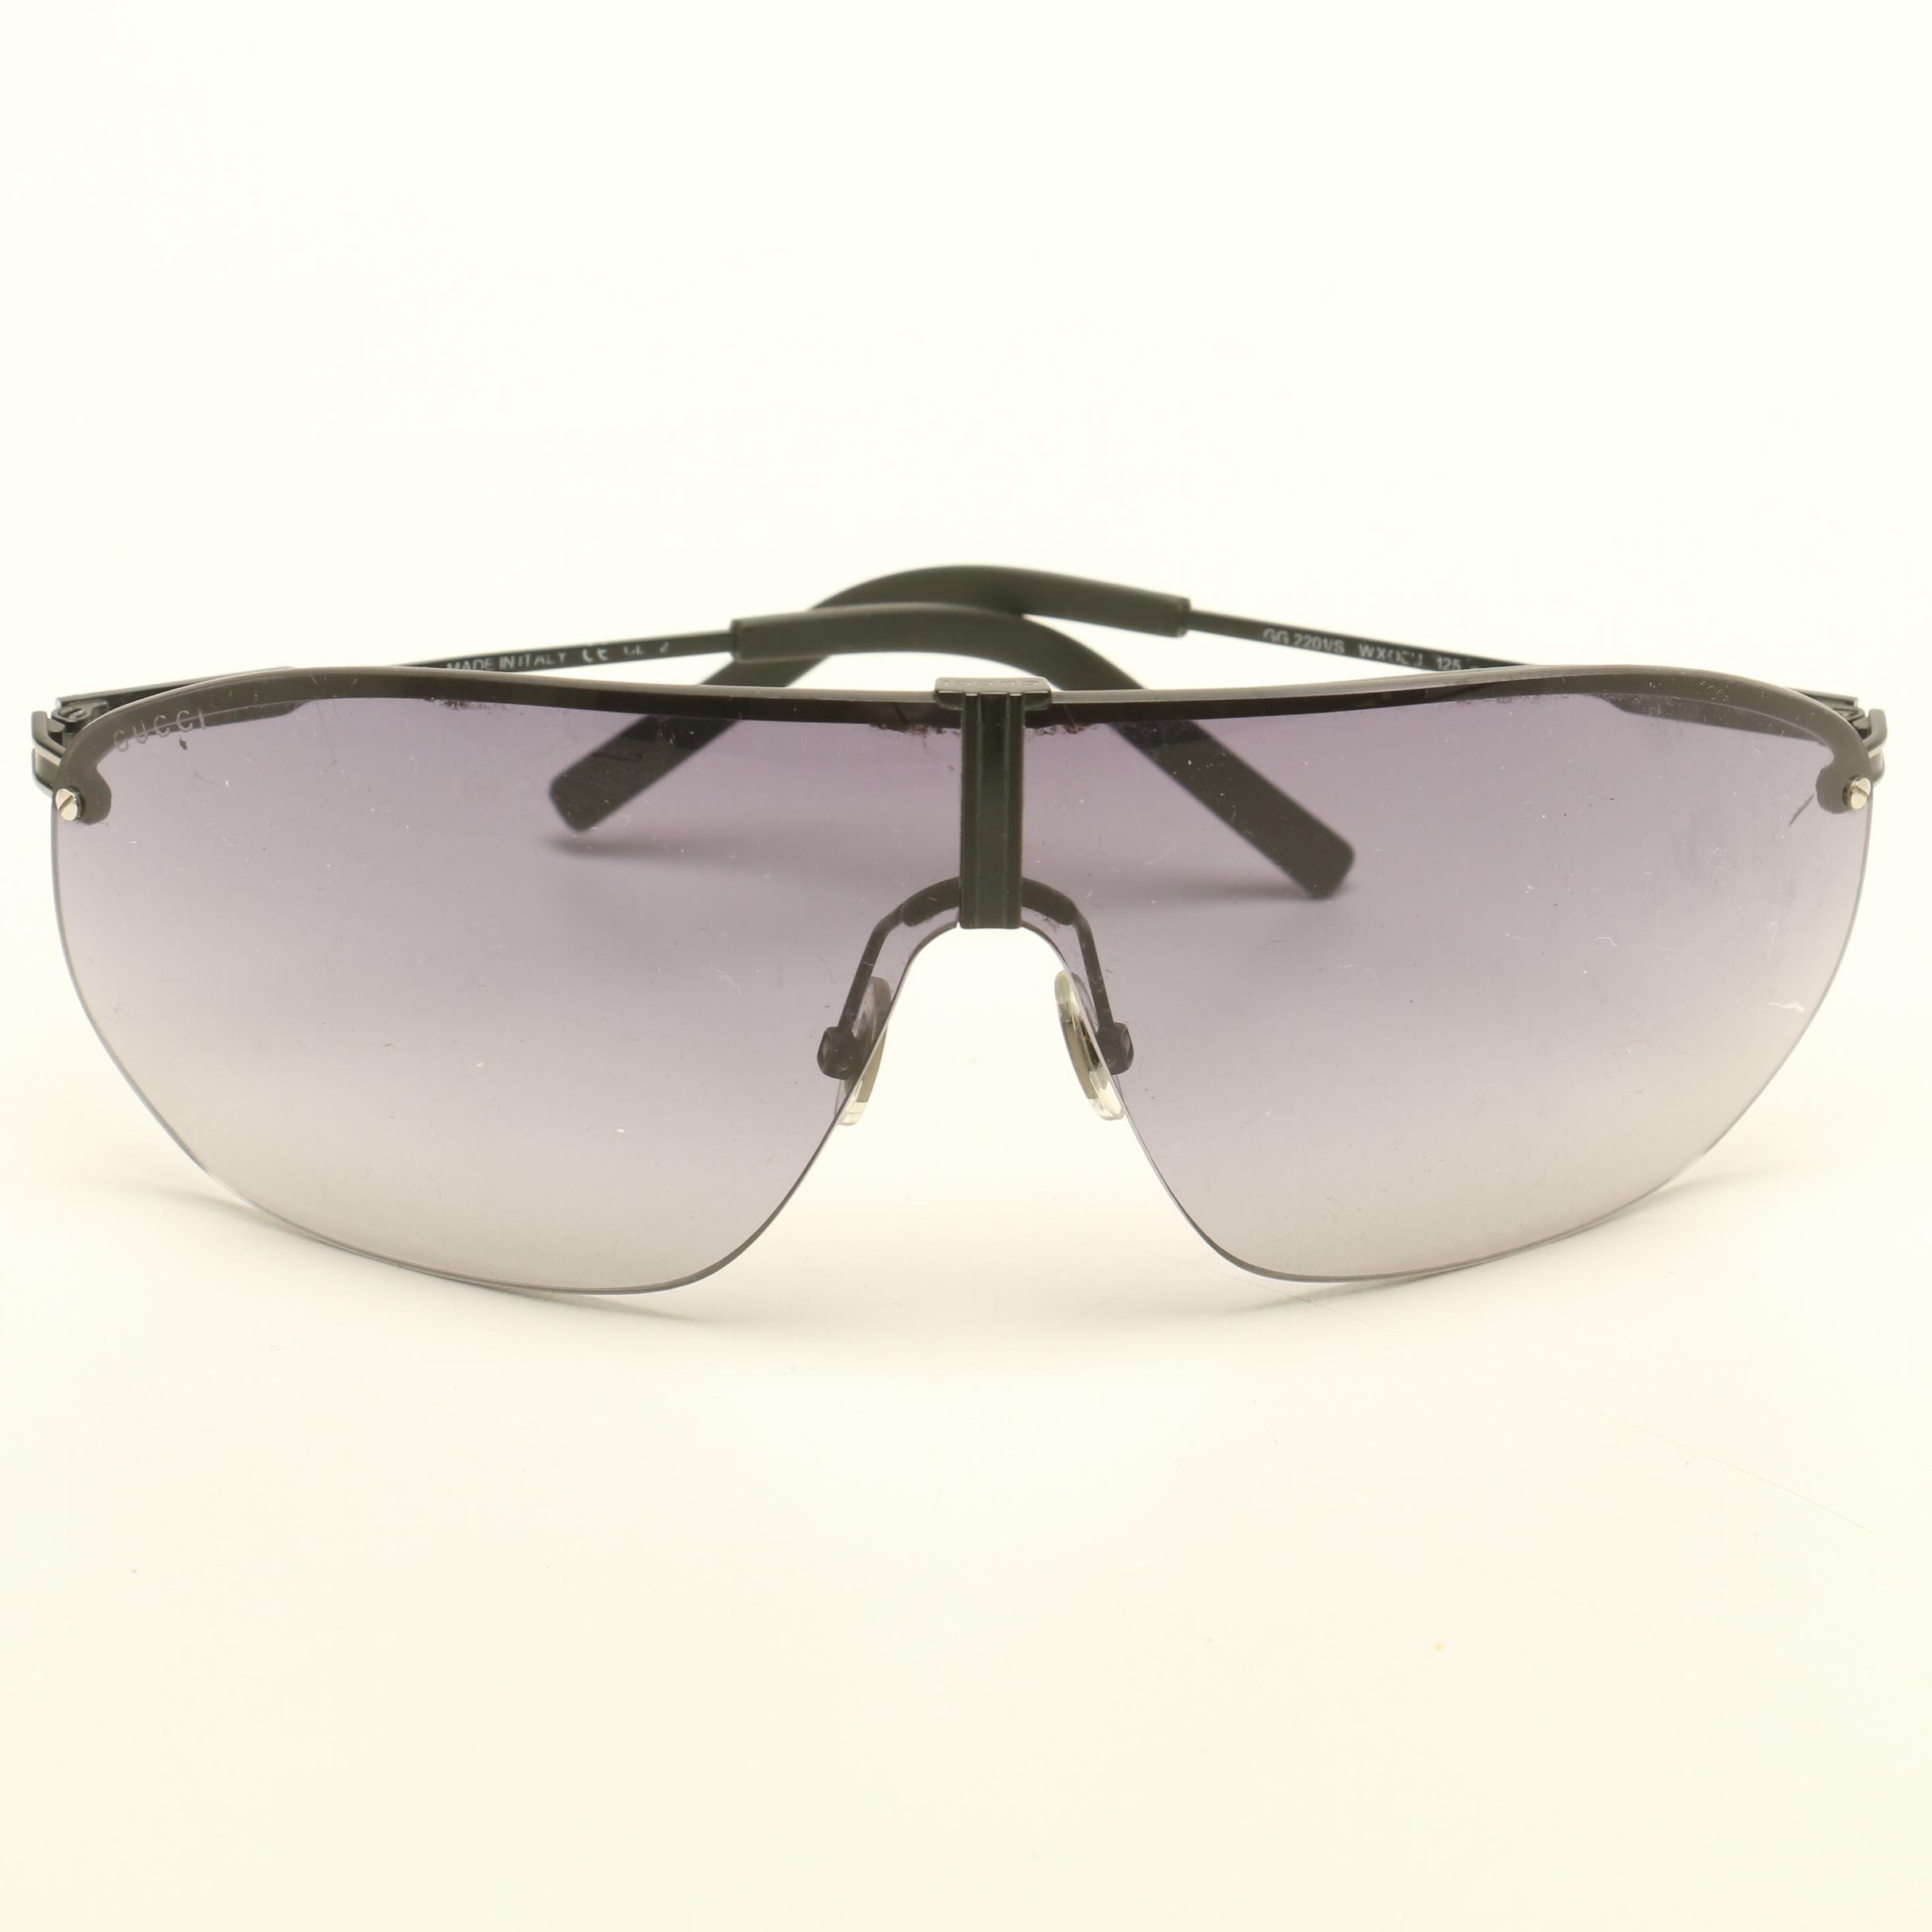 Gucci GG 2201/S Shield Sunglasses